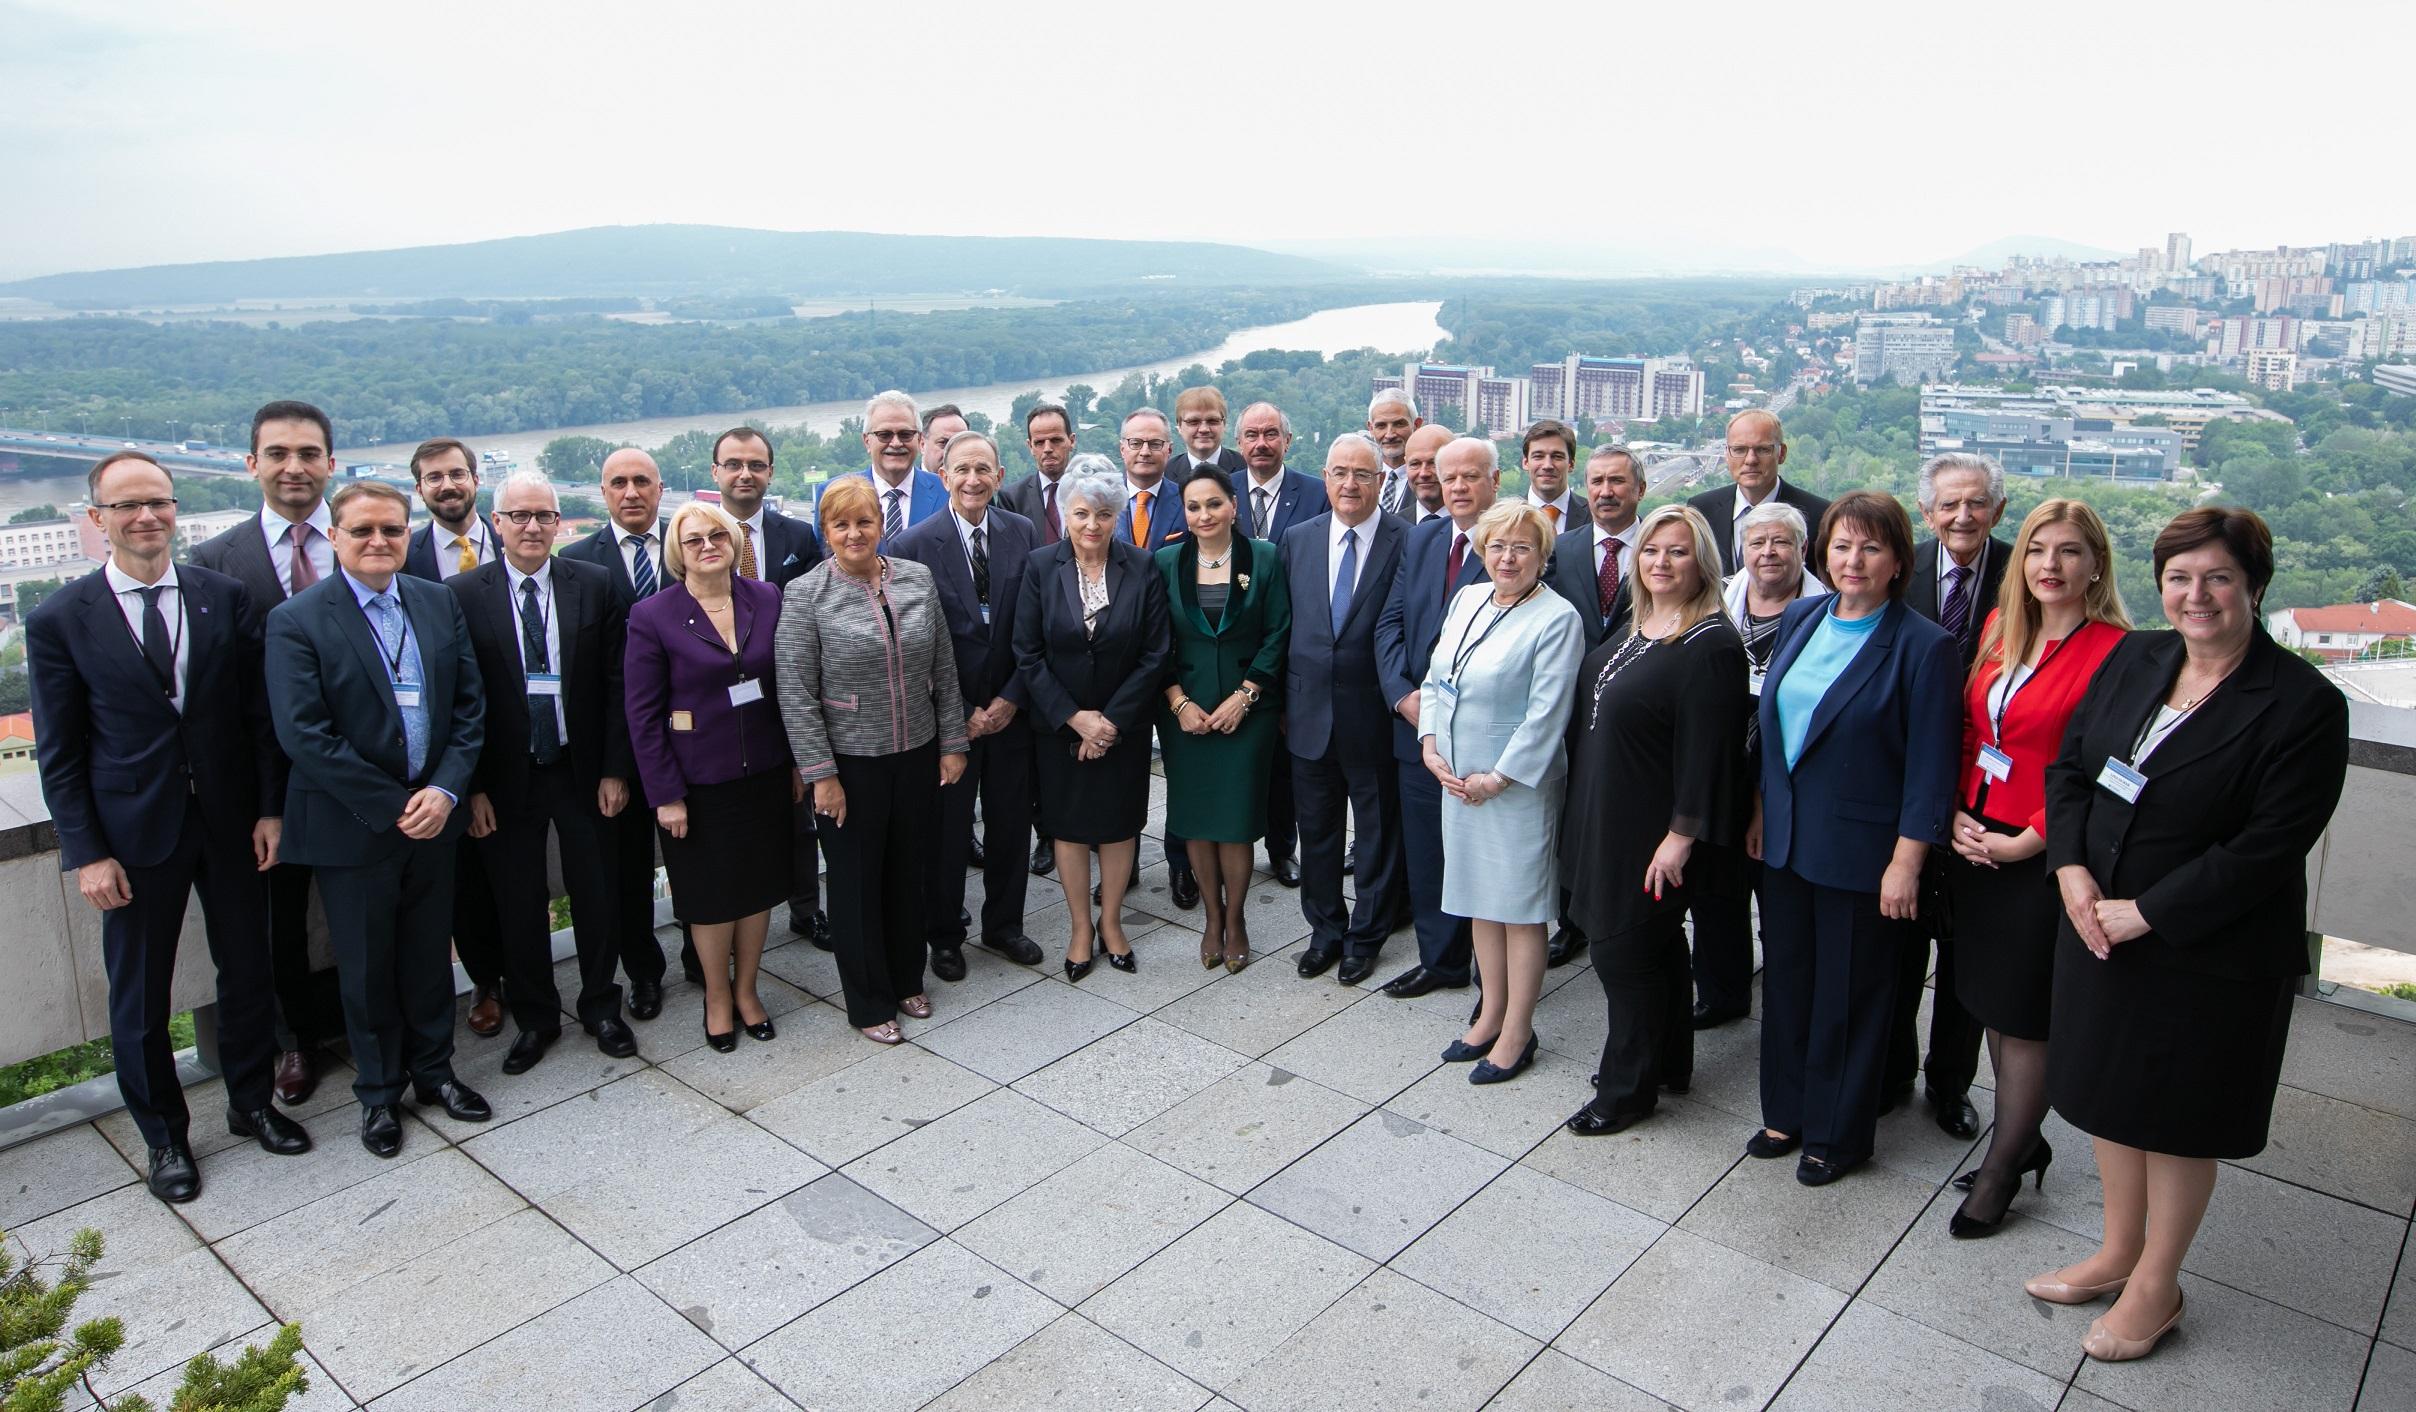 Kryetari i Gjykatës së Lartë Z. Xhezair Zaganjori ka marrë pjesë në Konferencën e IX Vjetore të Kryetarëve të Gjykatave të Larta të Evropës Qendrore dhe Lindore, e cila zhvilloi punimet këtë vit në Bratislava, Sllovaki në datat 27-28 Maj 2019